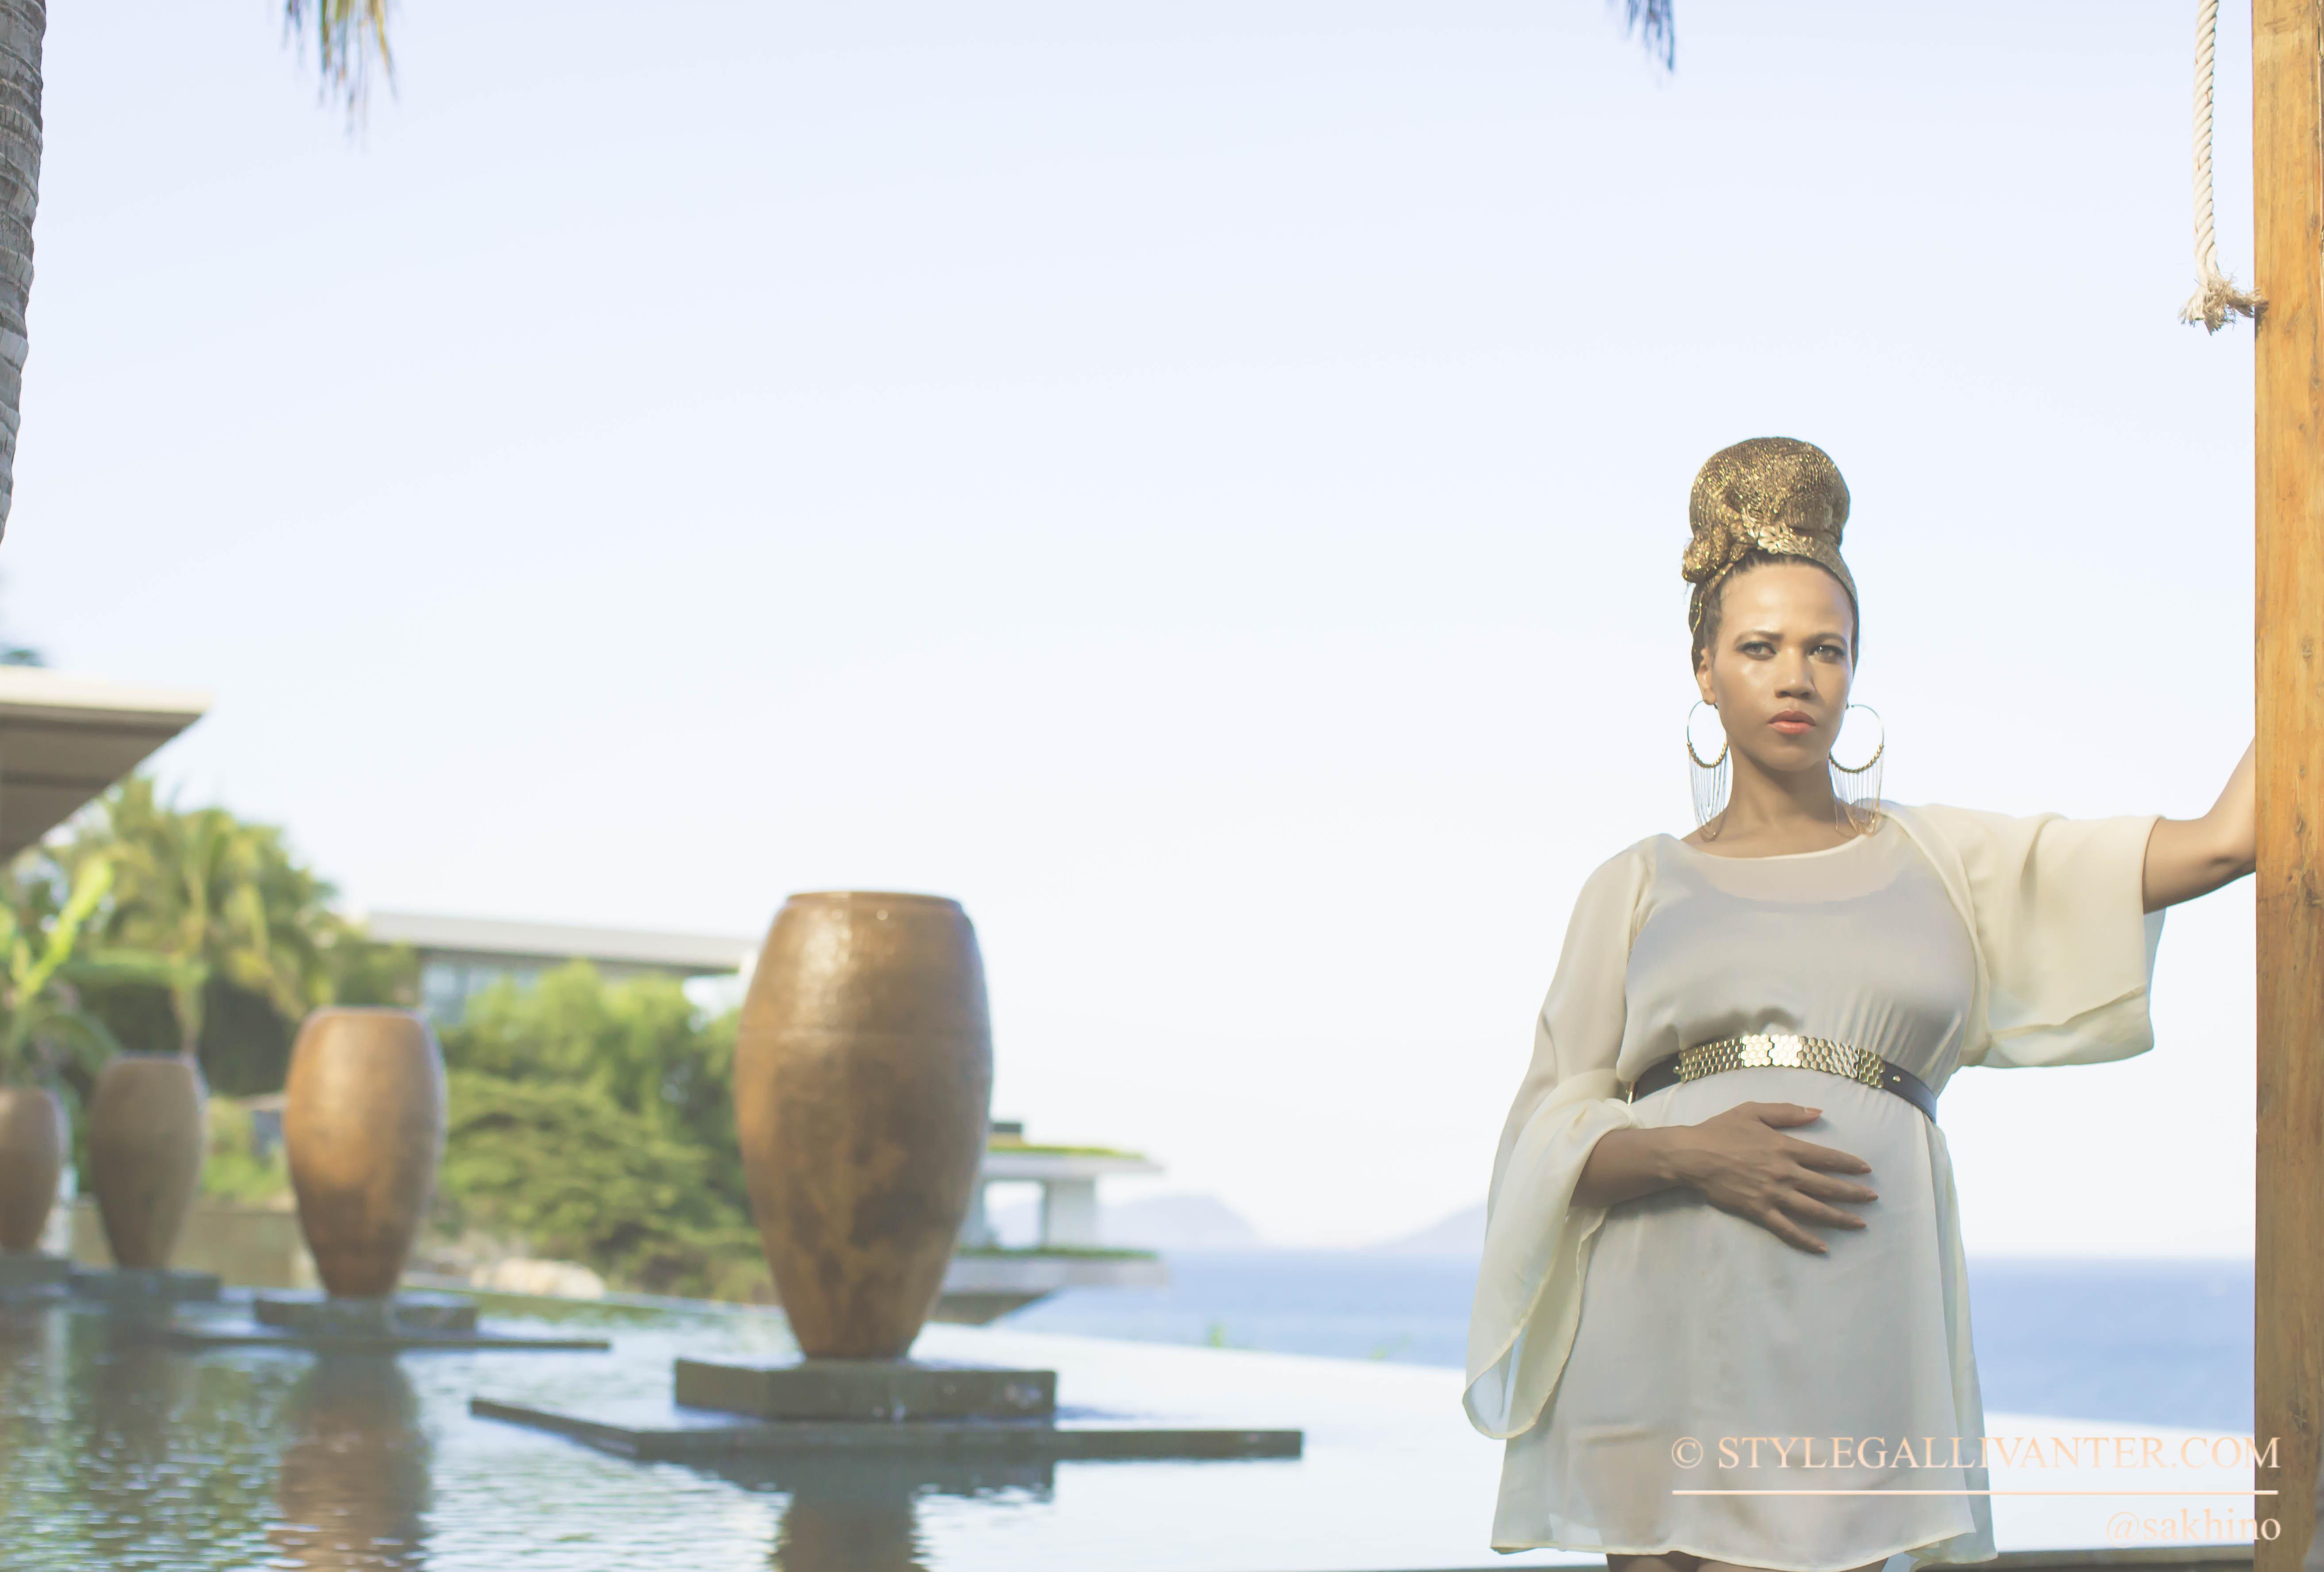 stylegallivanter_pregnancy-fashion-trends-2015_top-mummy-blogs-melbourne-australia-2015_best-dressed-baby-bumps-2015_best-dressed-mummy-bloggers-melbourne-2015-7